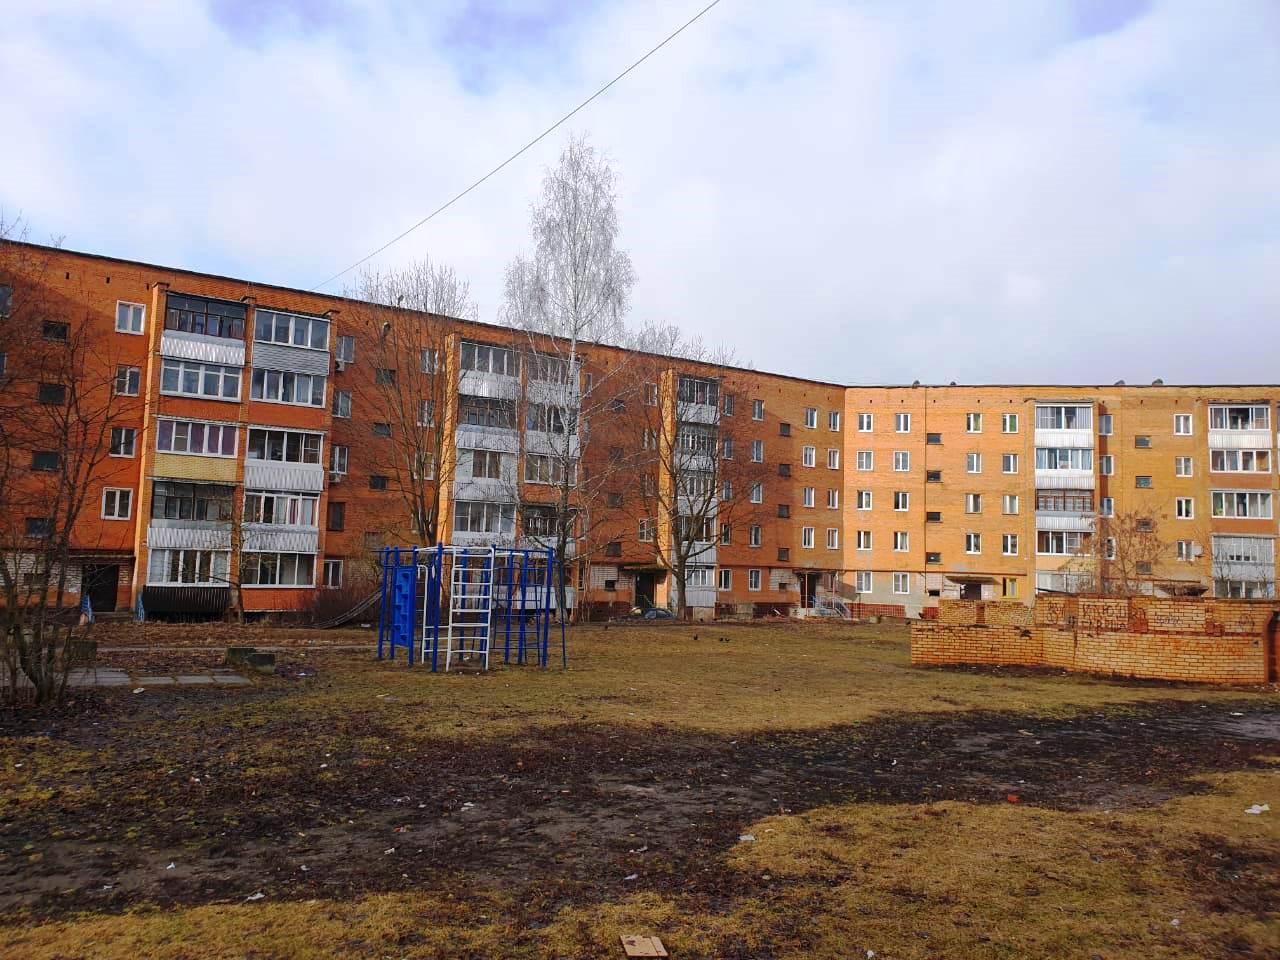 Улица Туркестанская Объявления продажа квартир в поселок Товарково Дзержинского района Калужской области